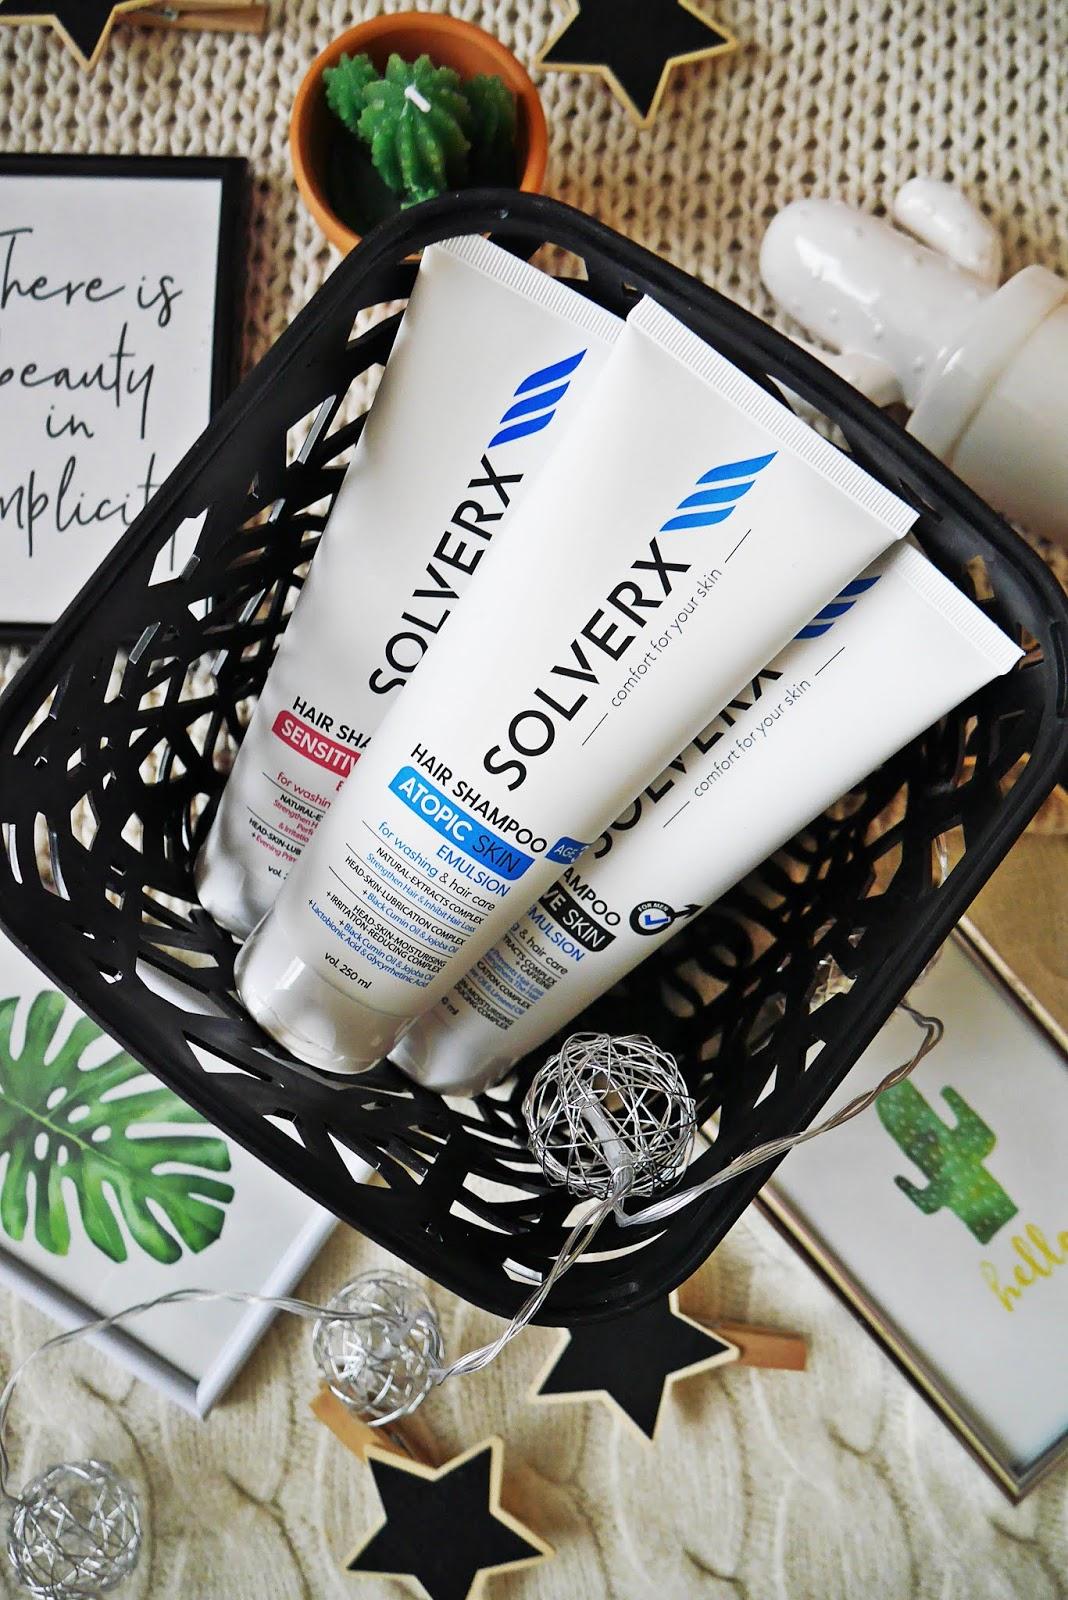 solverx szampon dla kobiet mężczyzn do skóry atopowej test dla skóry wrażliwej blogerka urodowa modowa beauty blogger fashion blogmedia zblogowani